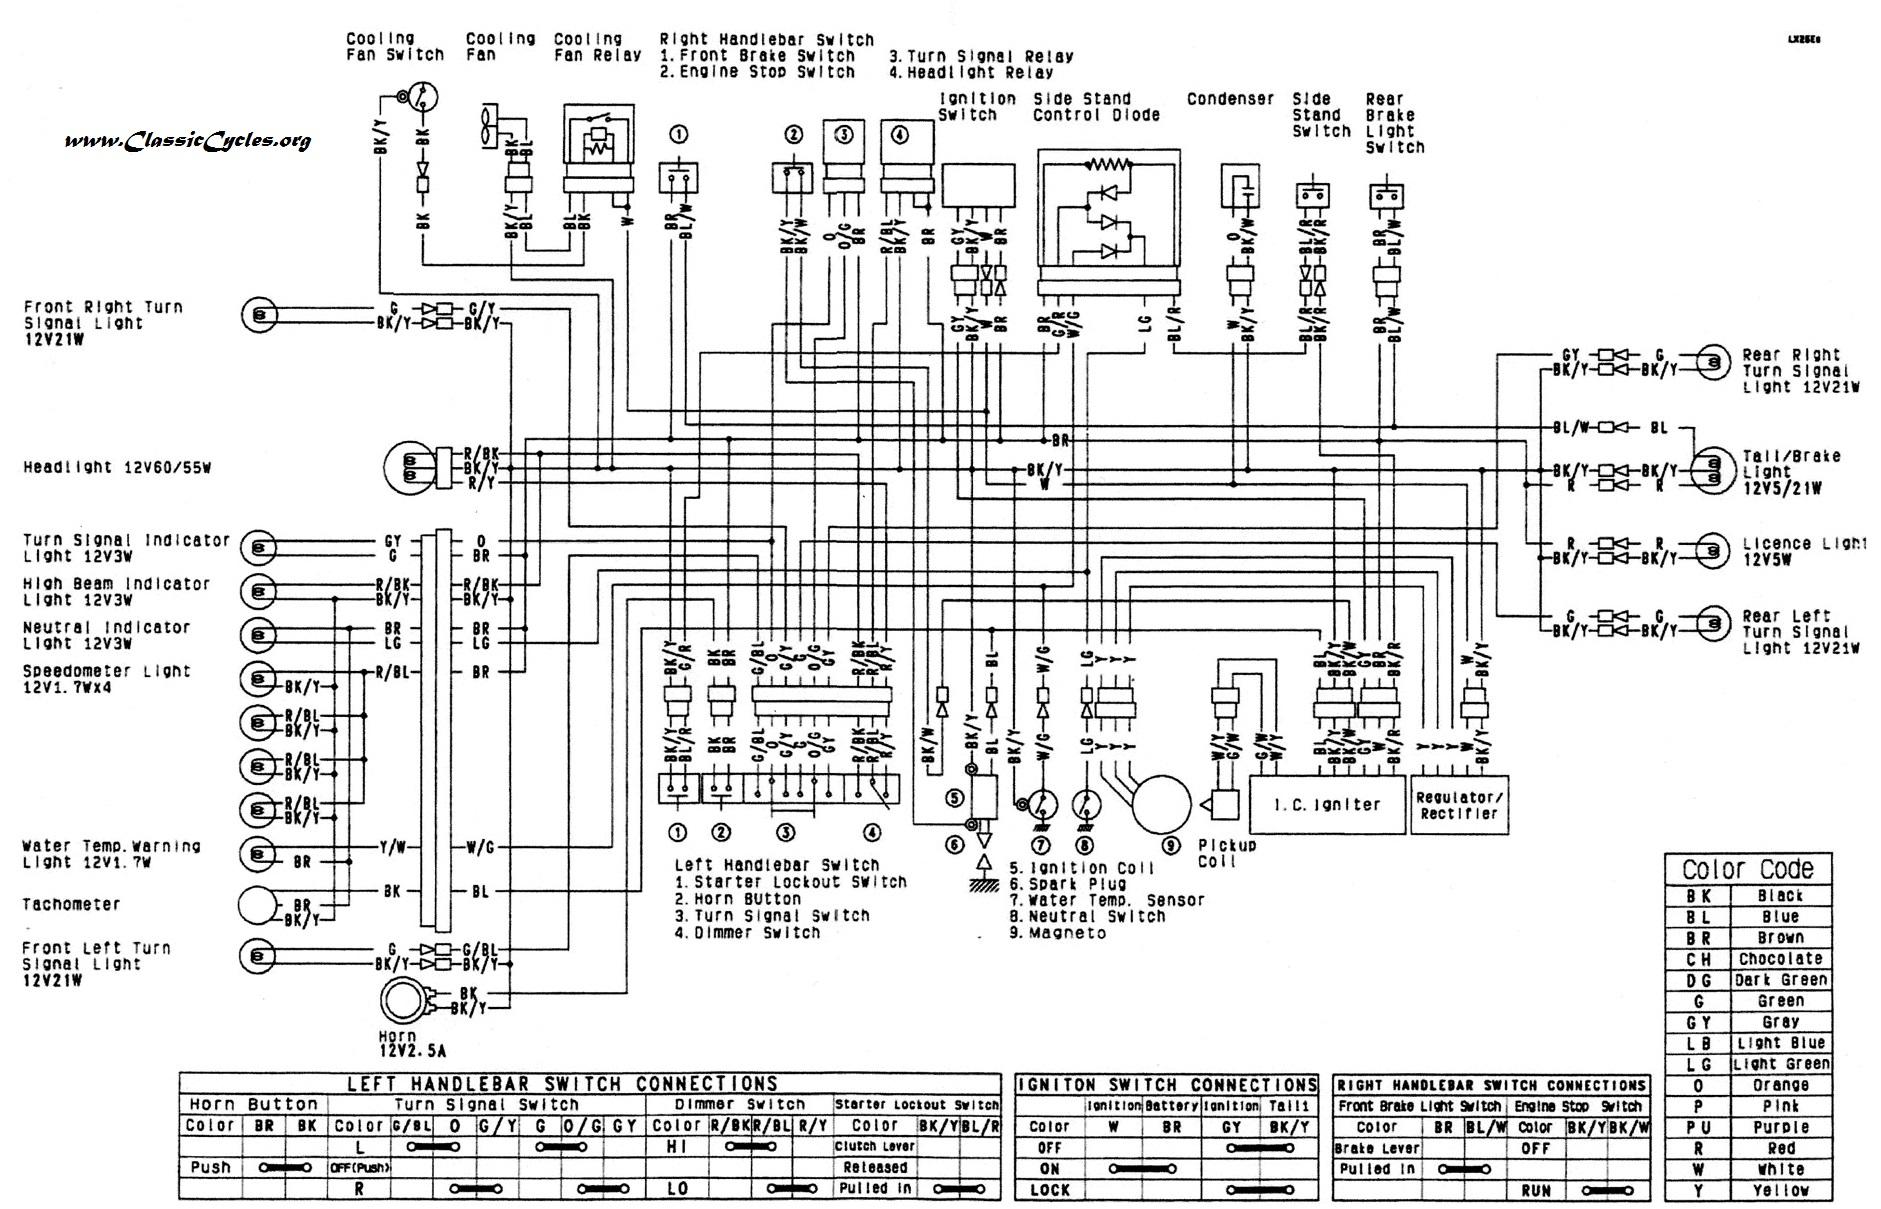 7b4ebf4db60cffe5ffff84bbffffe417?resize\=665%2C427 johnson controls m130 wiring diagram,controls \u2022 indy500 co  at gsmportal.co